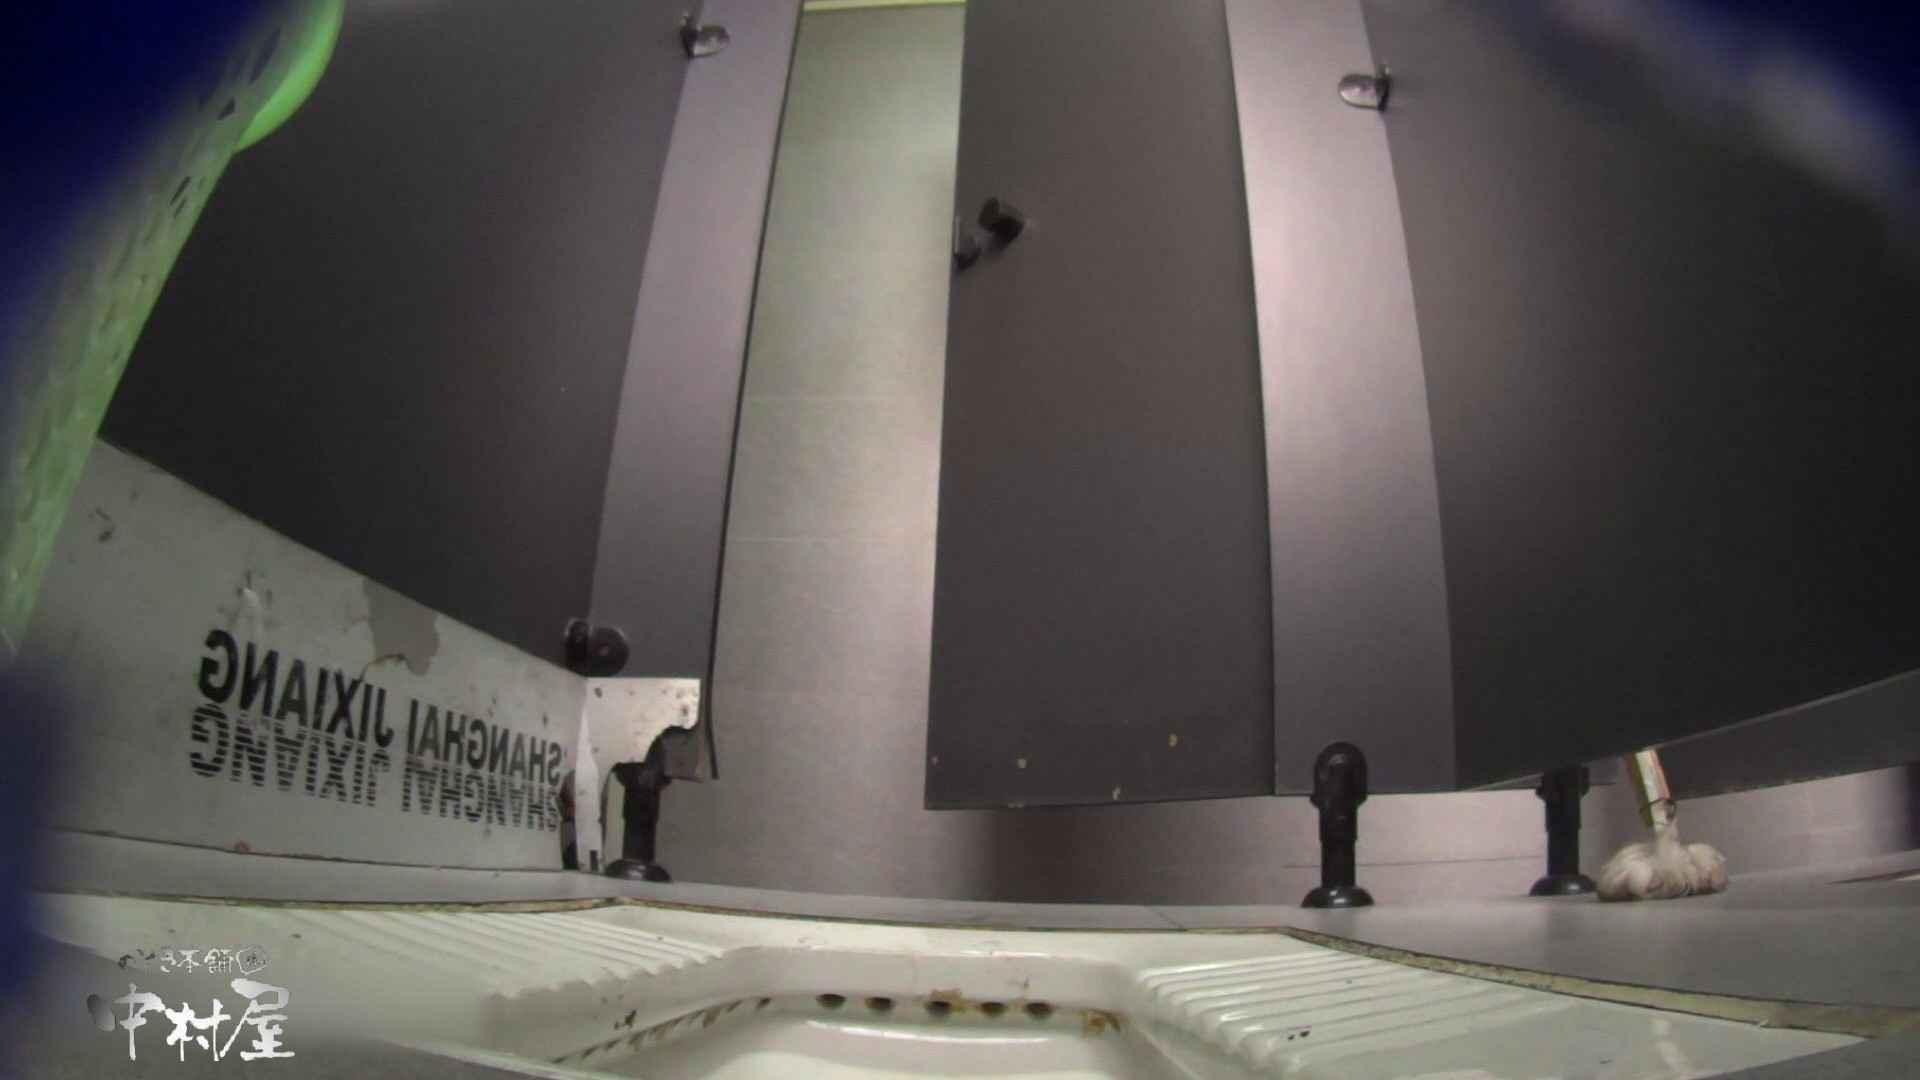 グレースパッツお女市さん 大学休憩時間の洗面所事情31 洗面所 覗きぱこり動画紹介 69画像 2